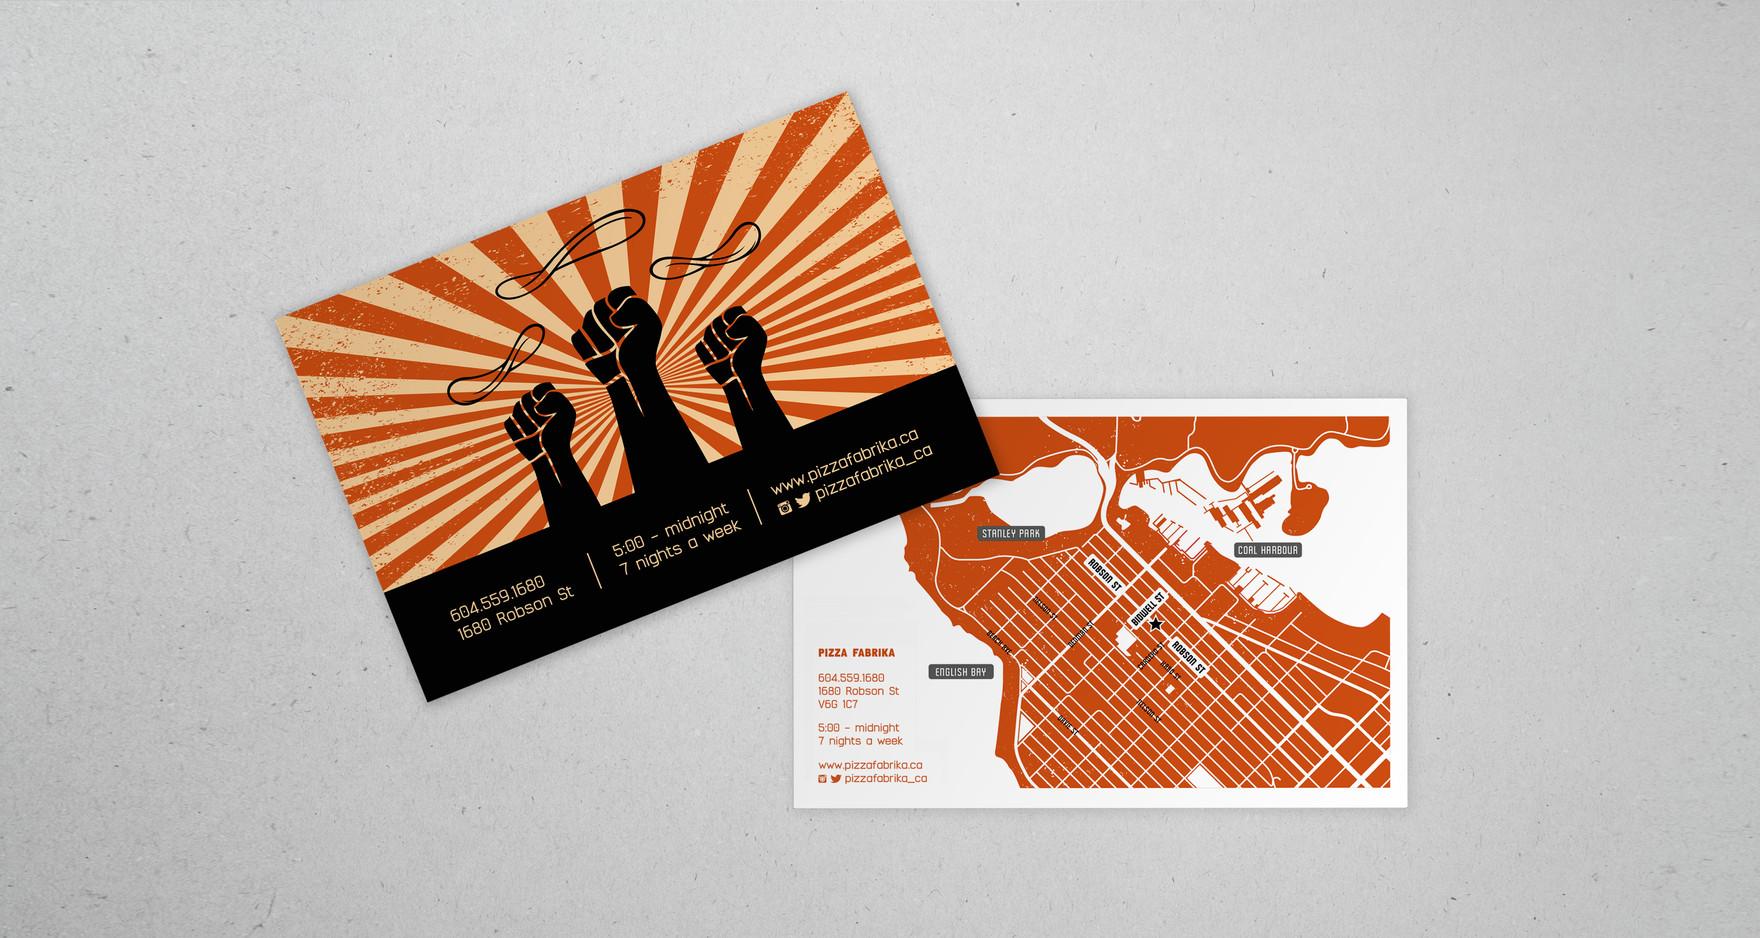 PF_postcard_mockup2.jpg